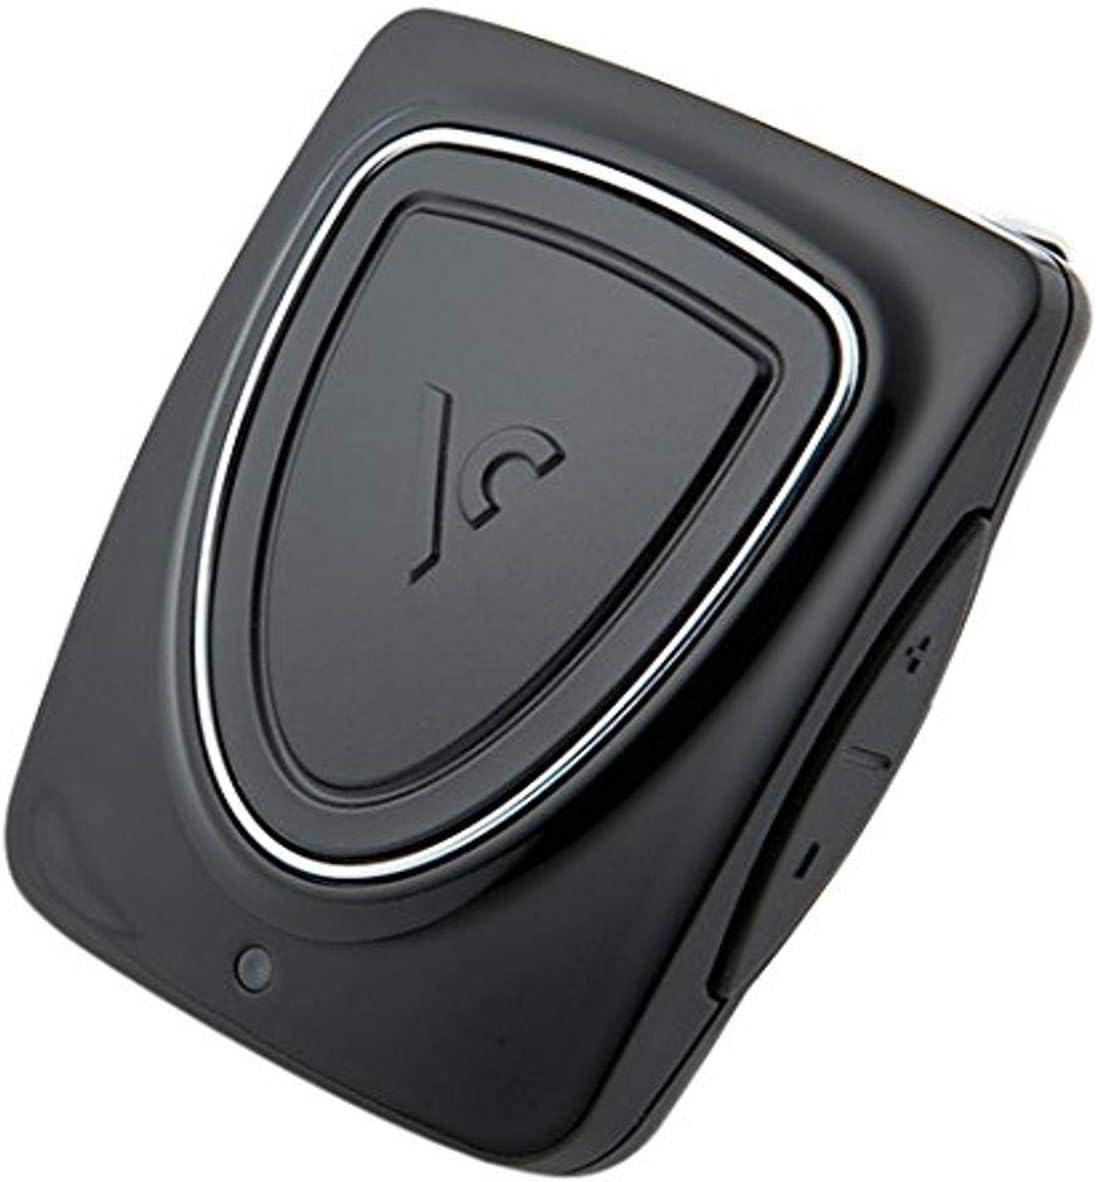 Voice Caddie VC 200 Golf GPS Rangefinder, Black